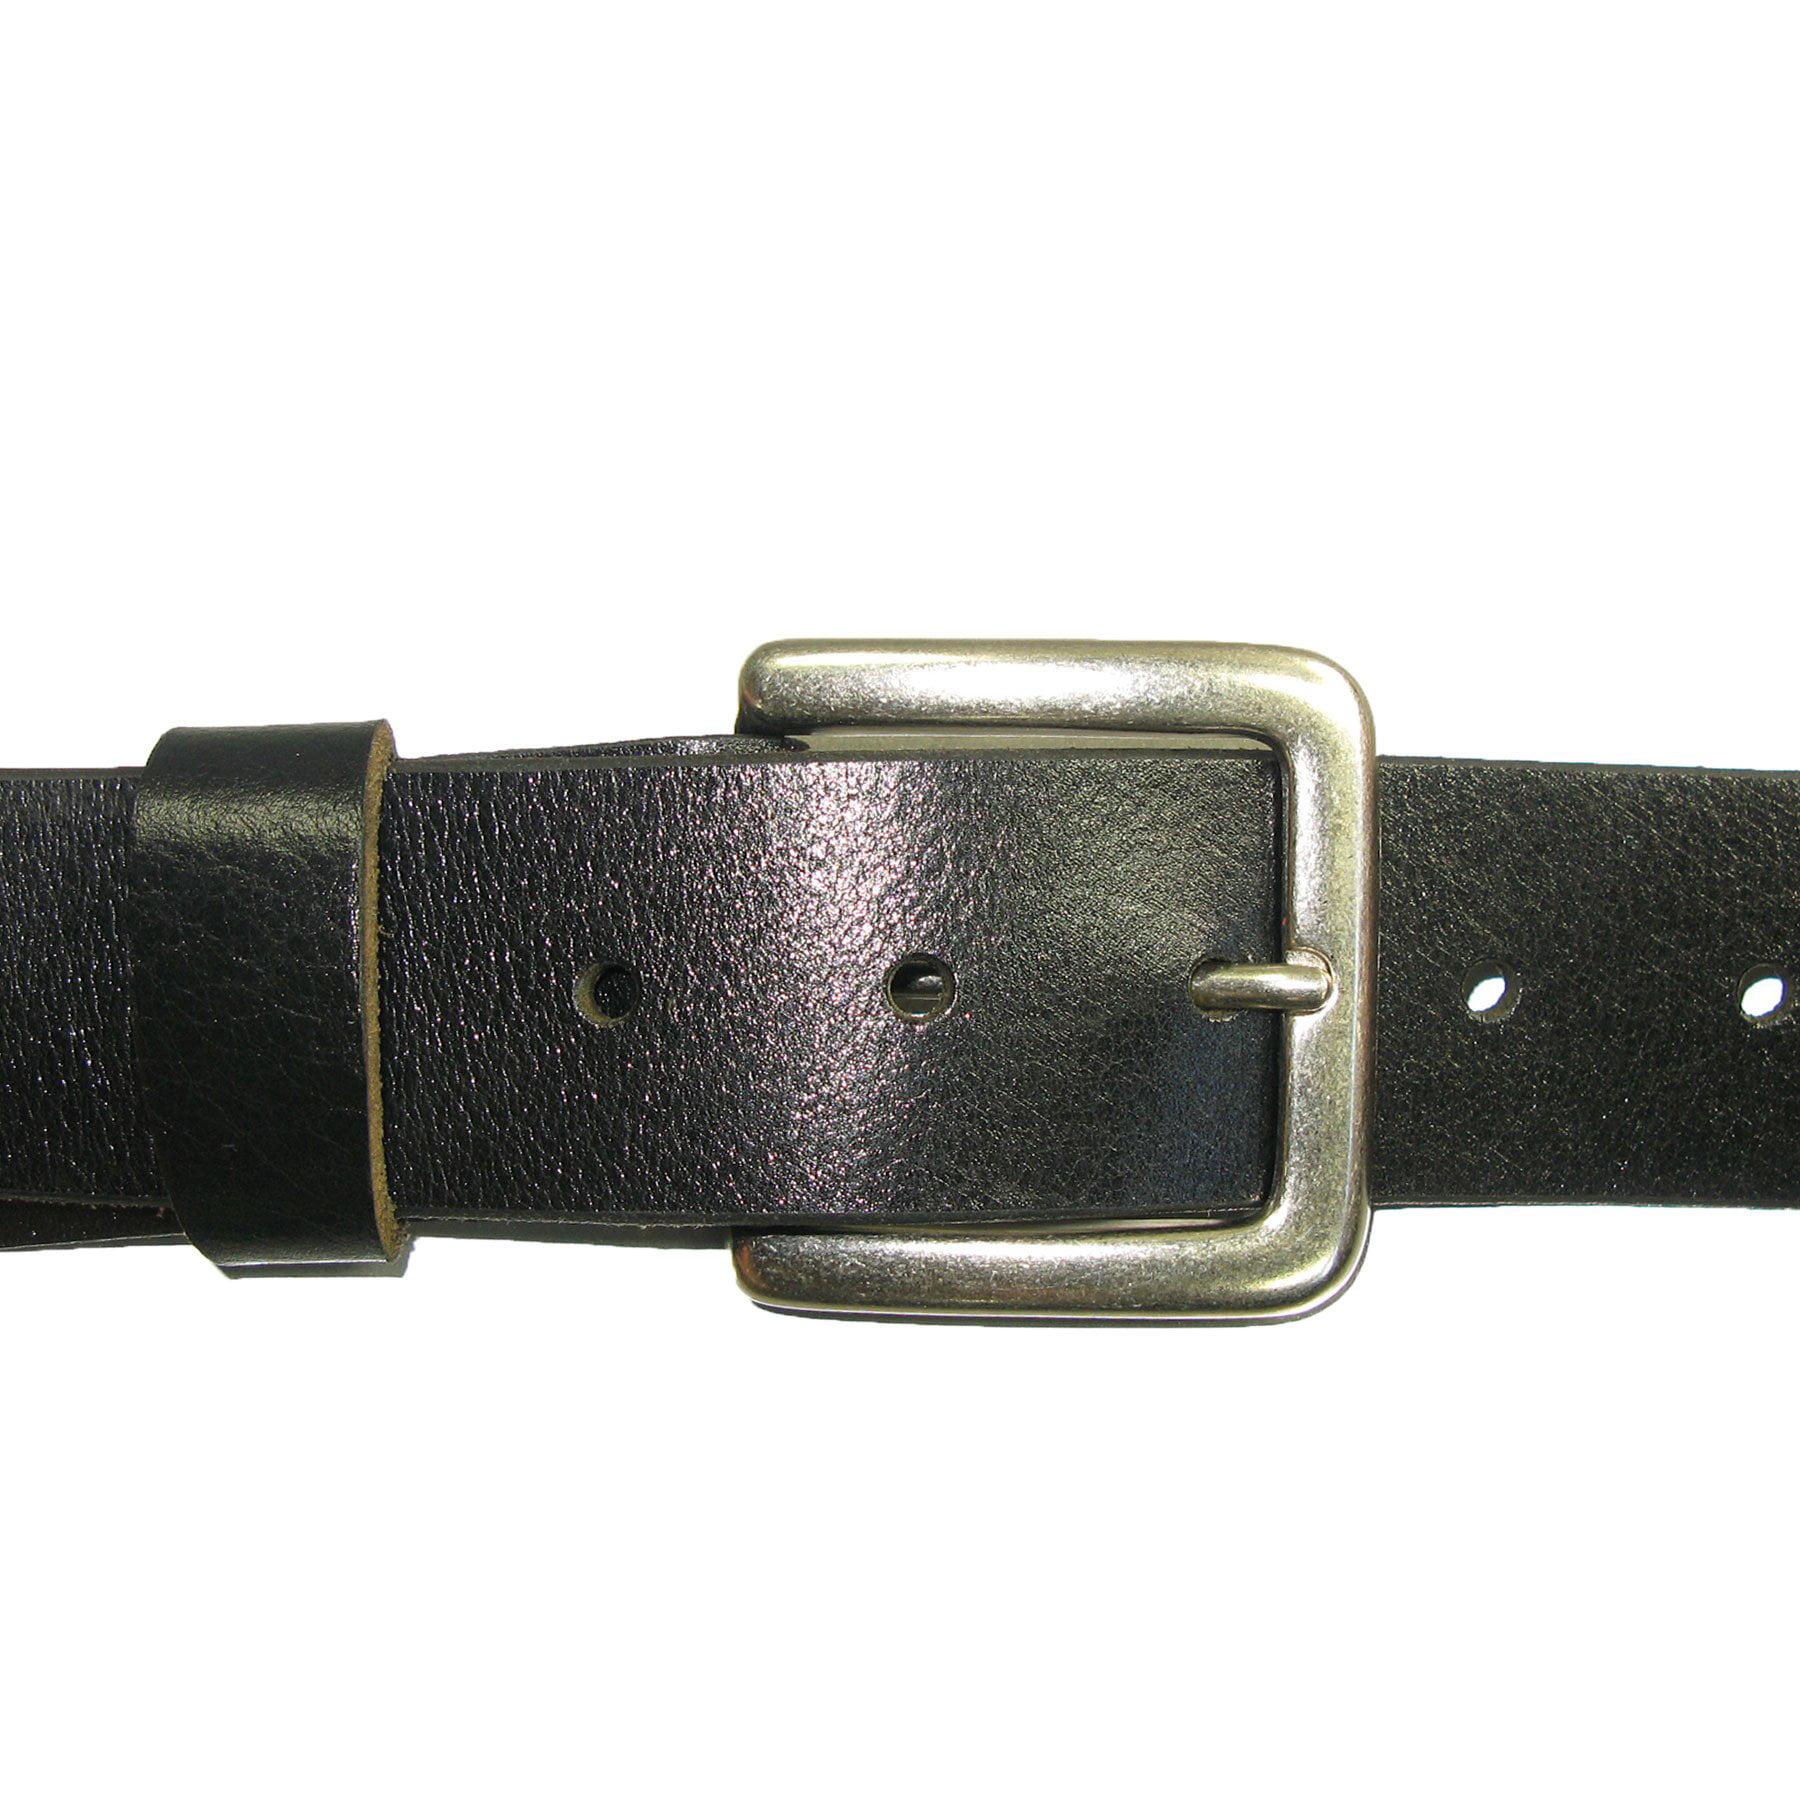 """Heel Bar Buckle 1-1/2"""" Nickel Plated Belt Buckle 1550-02 - image 2 de 4"""